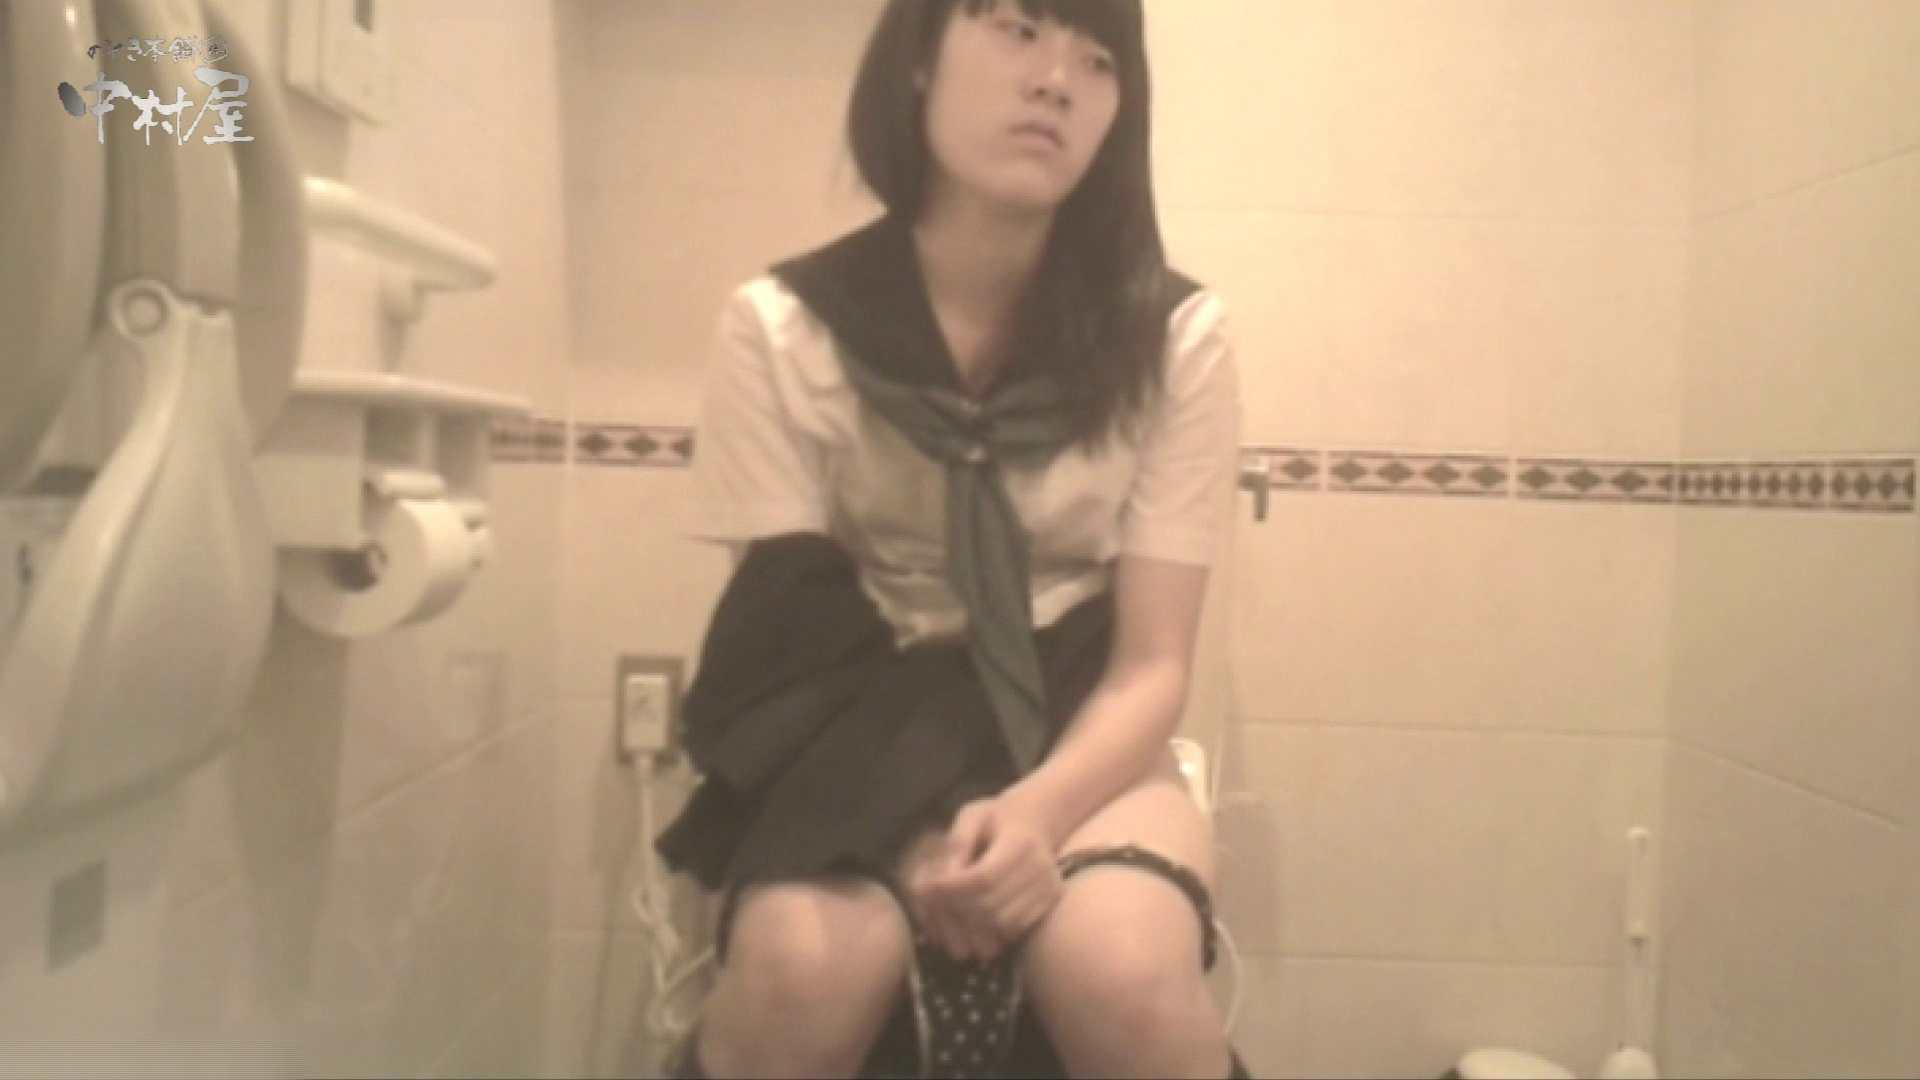 ティーンガールのトイレ覗き‼vol.25 トイレの中まで オマンコ無修正動画無料 9枚 8